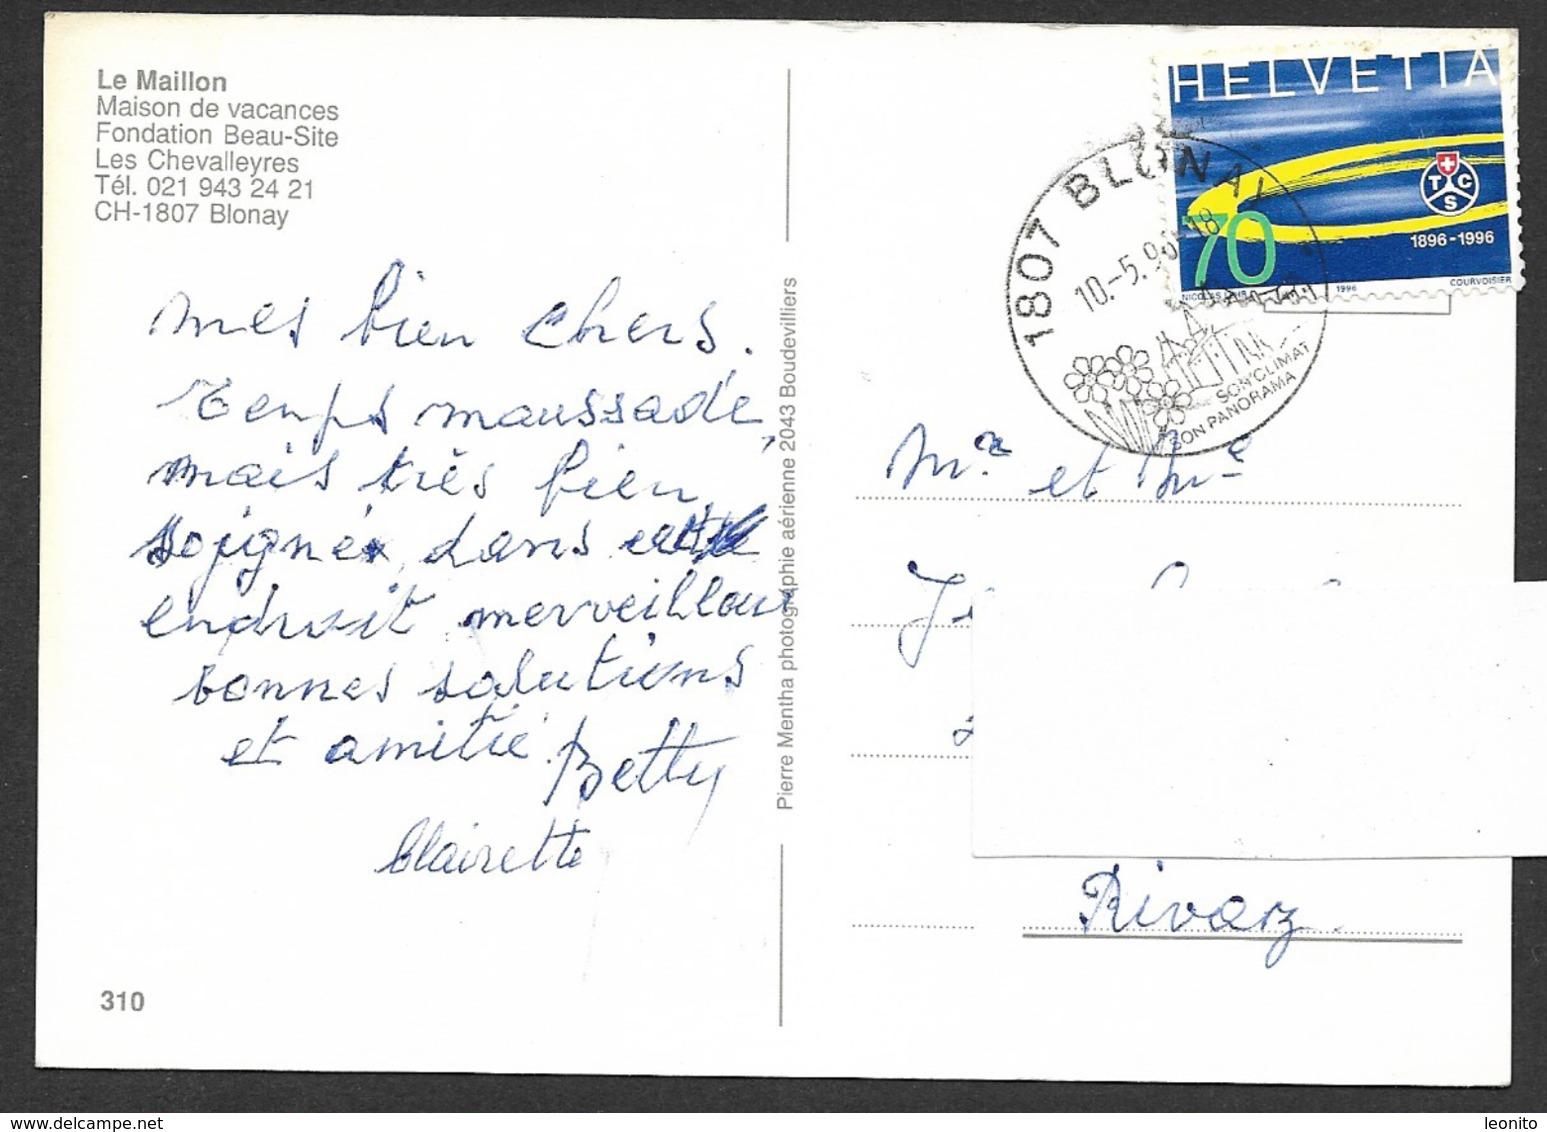 BLONAY VD Vevey Montreux Maison Vacances Fondation Beau-Site LE MAILLON 1996 - VD Vaud